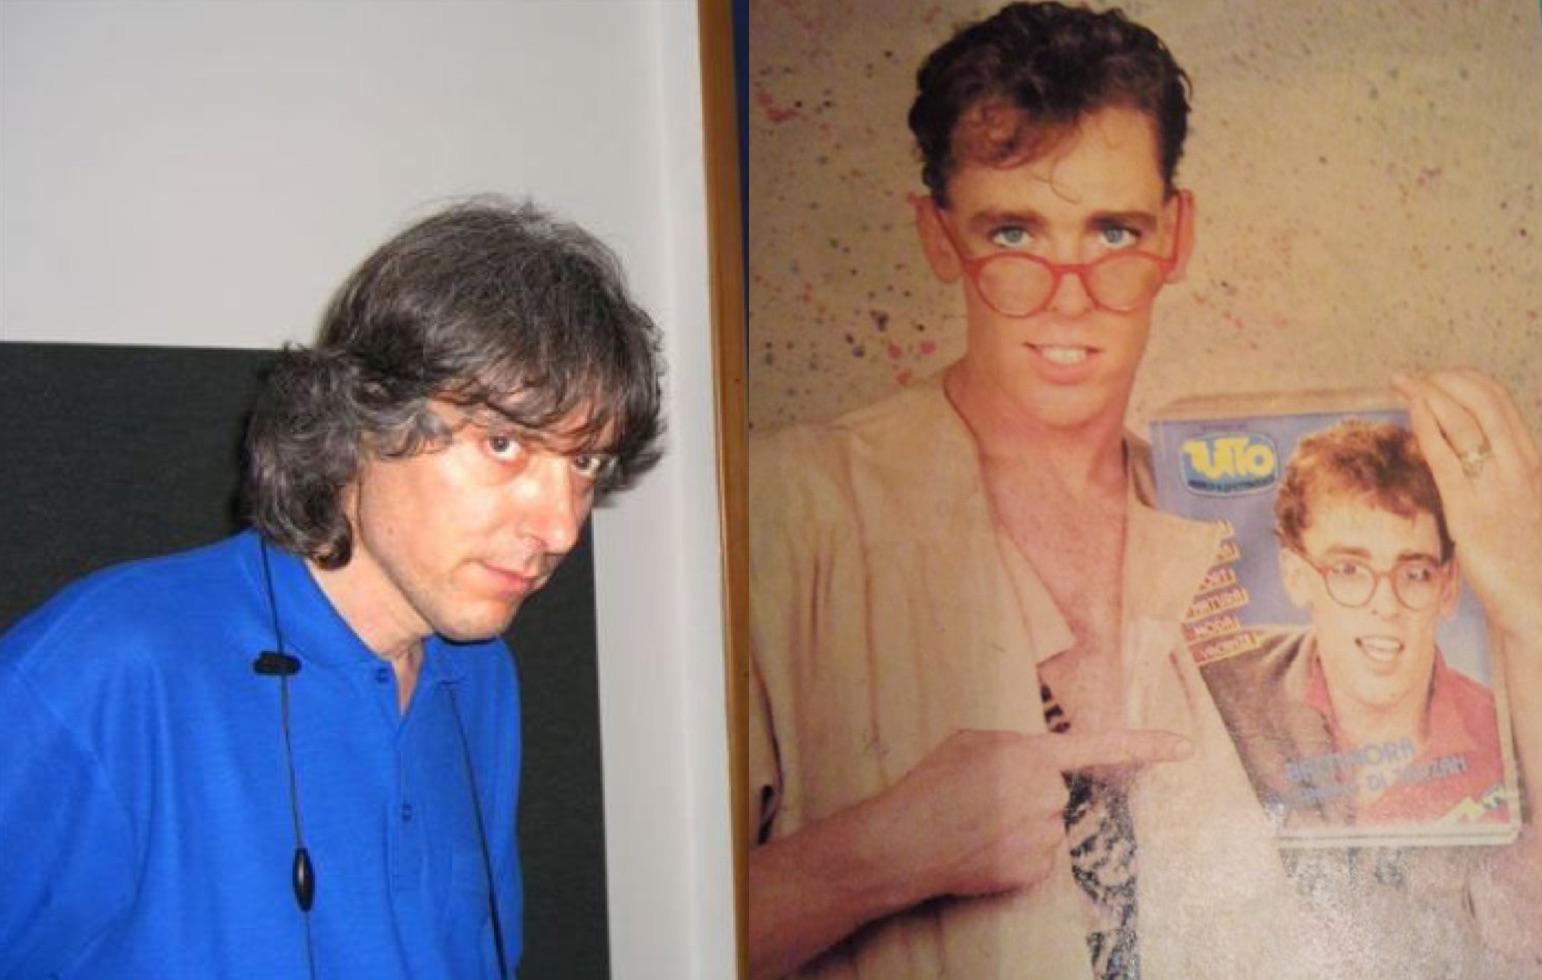 Izq.: El productor italiano Maurizio Bassi, creador de Baltimora. Der.: Jimmy McShane con una revista italiana.